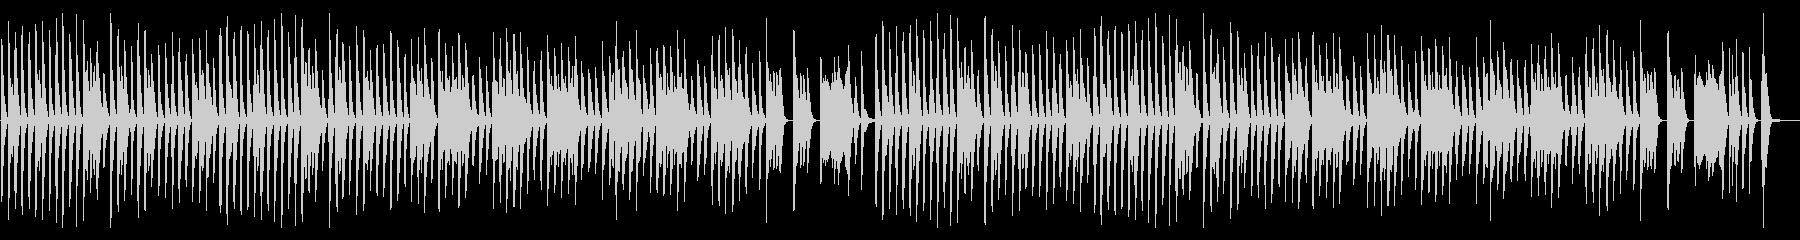 シンプルでほのぼのしたキッズ向けピアノ曲の未再生の波形